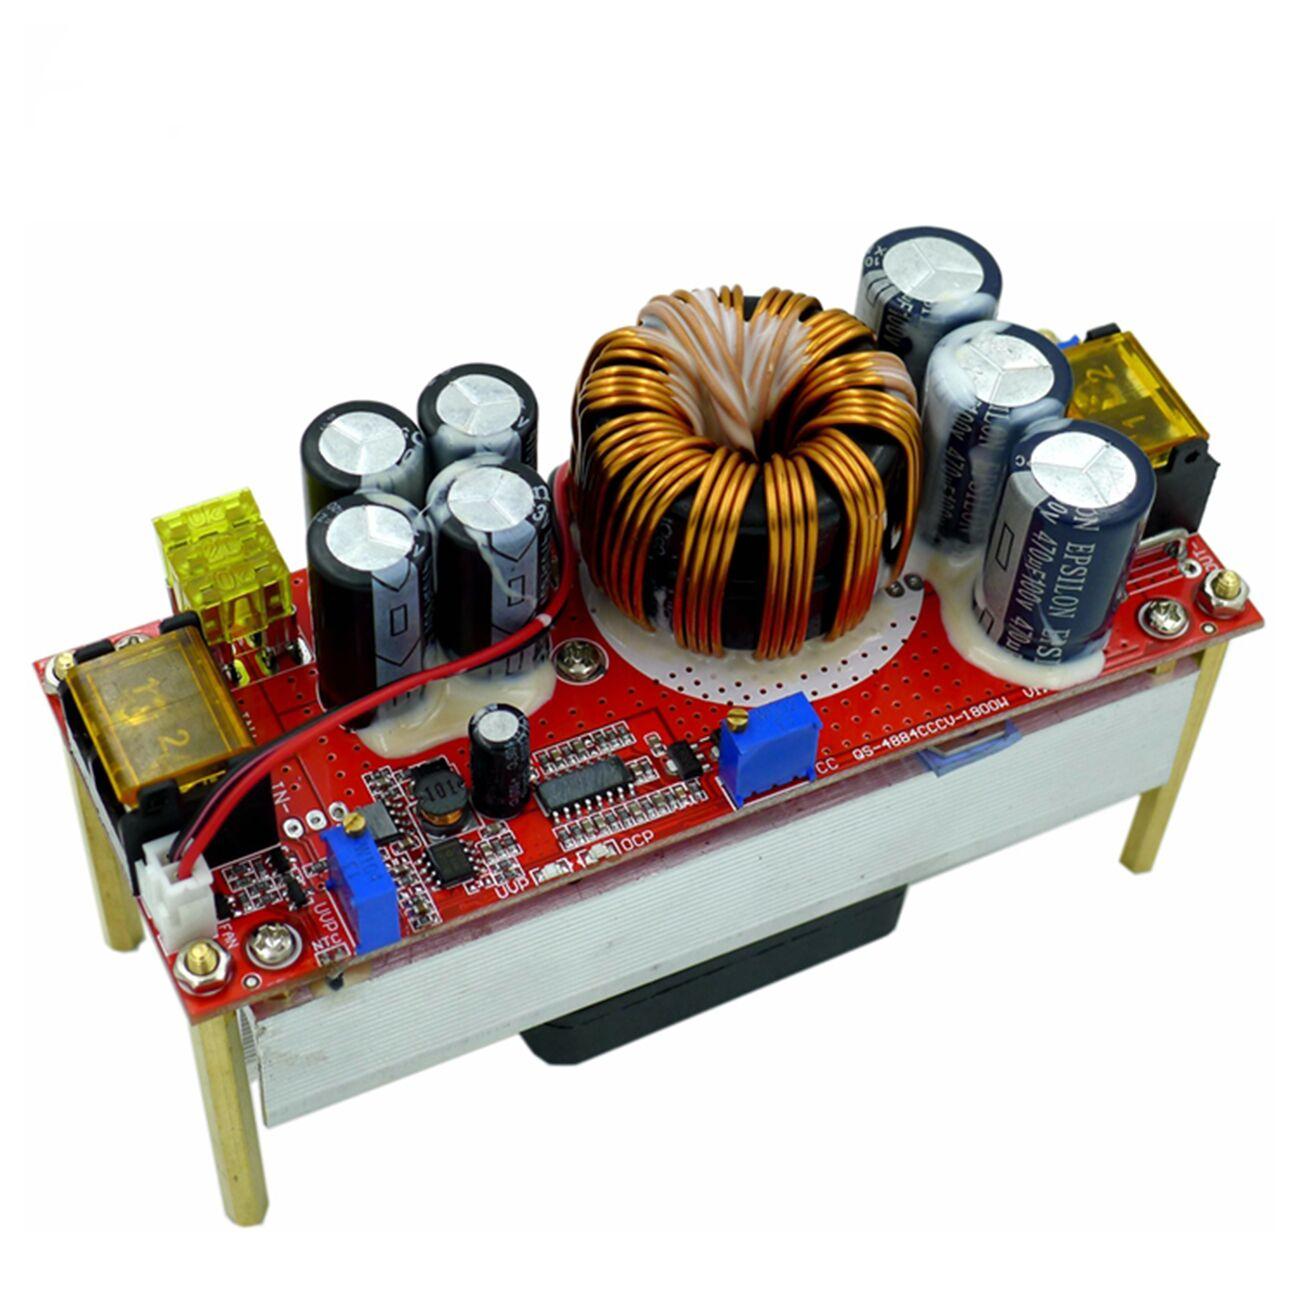 Постоянное напряжение постоянного тока 1800 Вт 40 А, постоянное увеличение тока, конвертер, повышает мощность 10-60 в на вентилятор для модуля по...